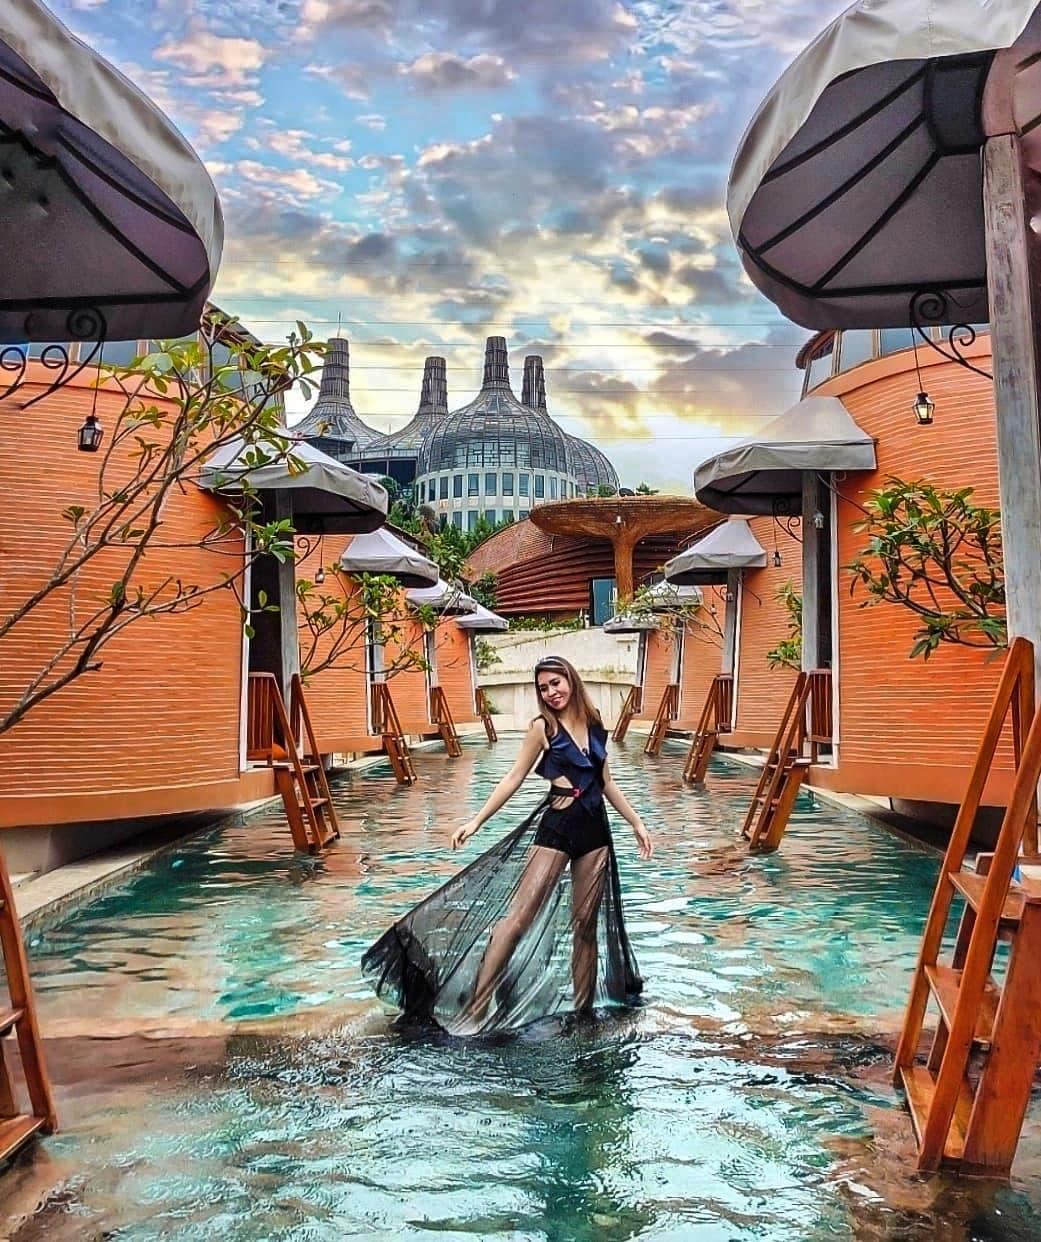 spot foto dusun the villas semarang